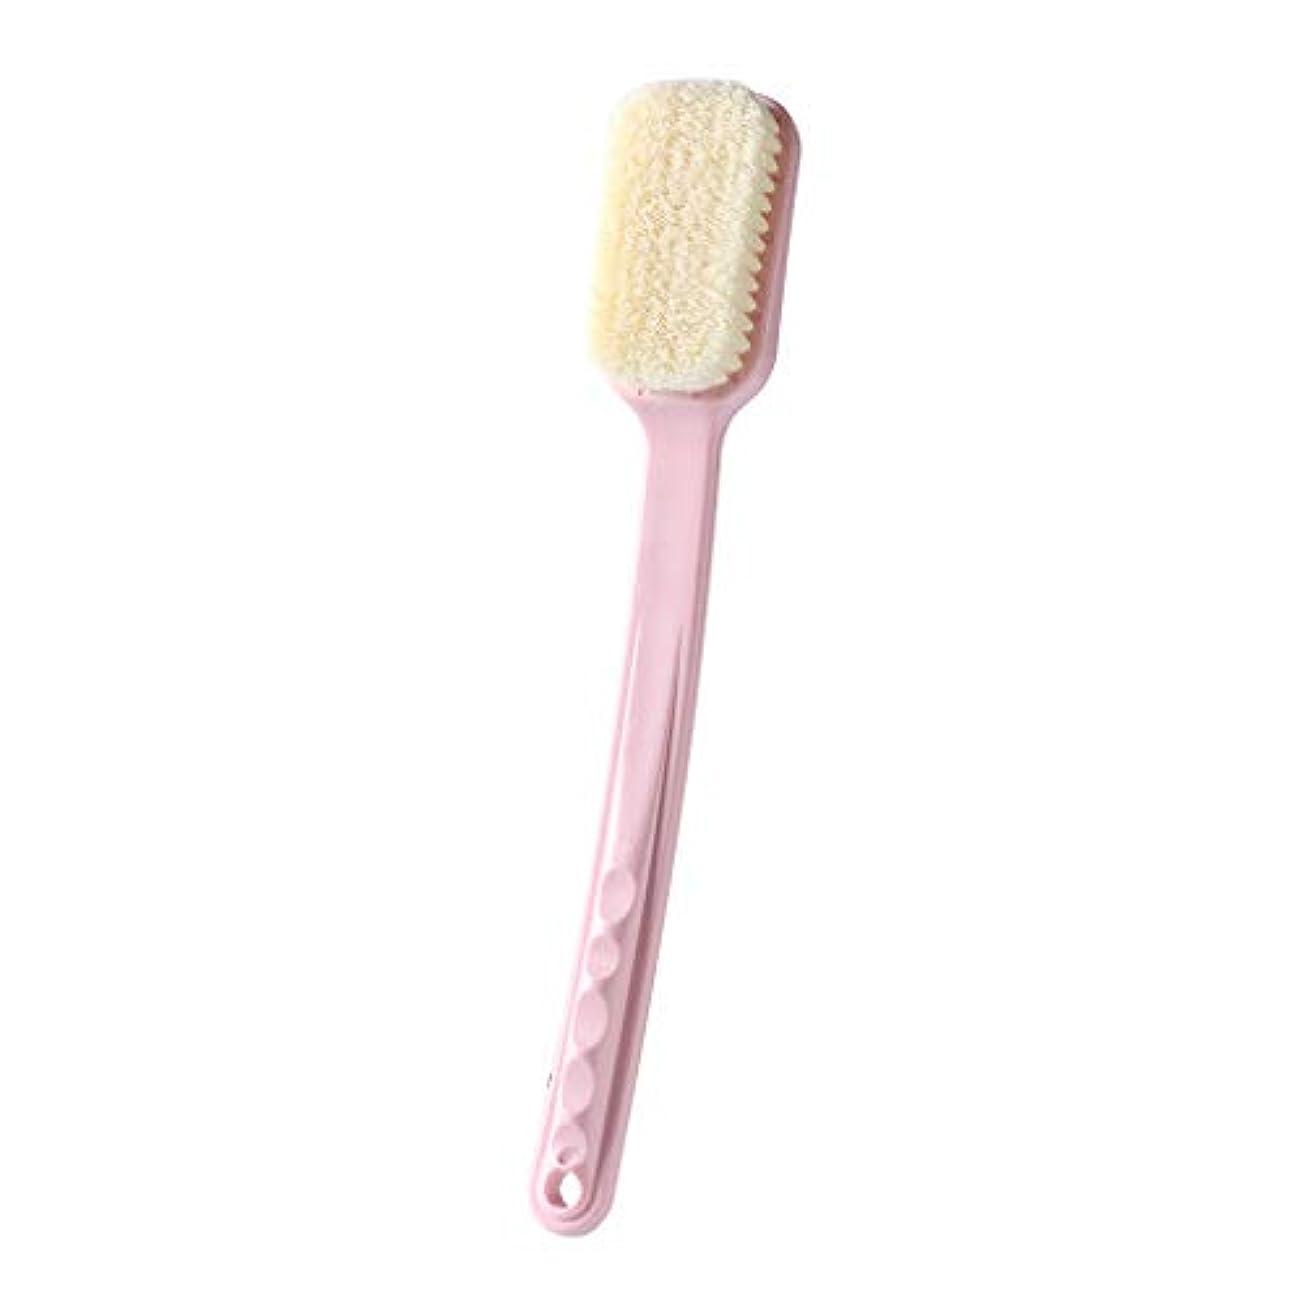 威するこのどれかTXC- 付ボディブラシ戻るブラシロングハンドルのお風呂シャワーブラシナチュラルたてがみスキンドライ竹木、バックブラシロング竹ハンドル滑り止め、エクスフォリエイティングブラシ 快適な (Color : Pink)